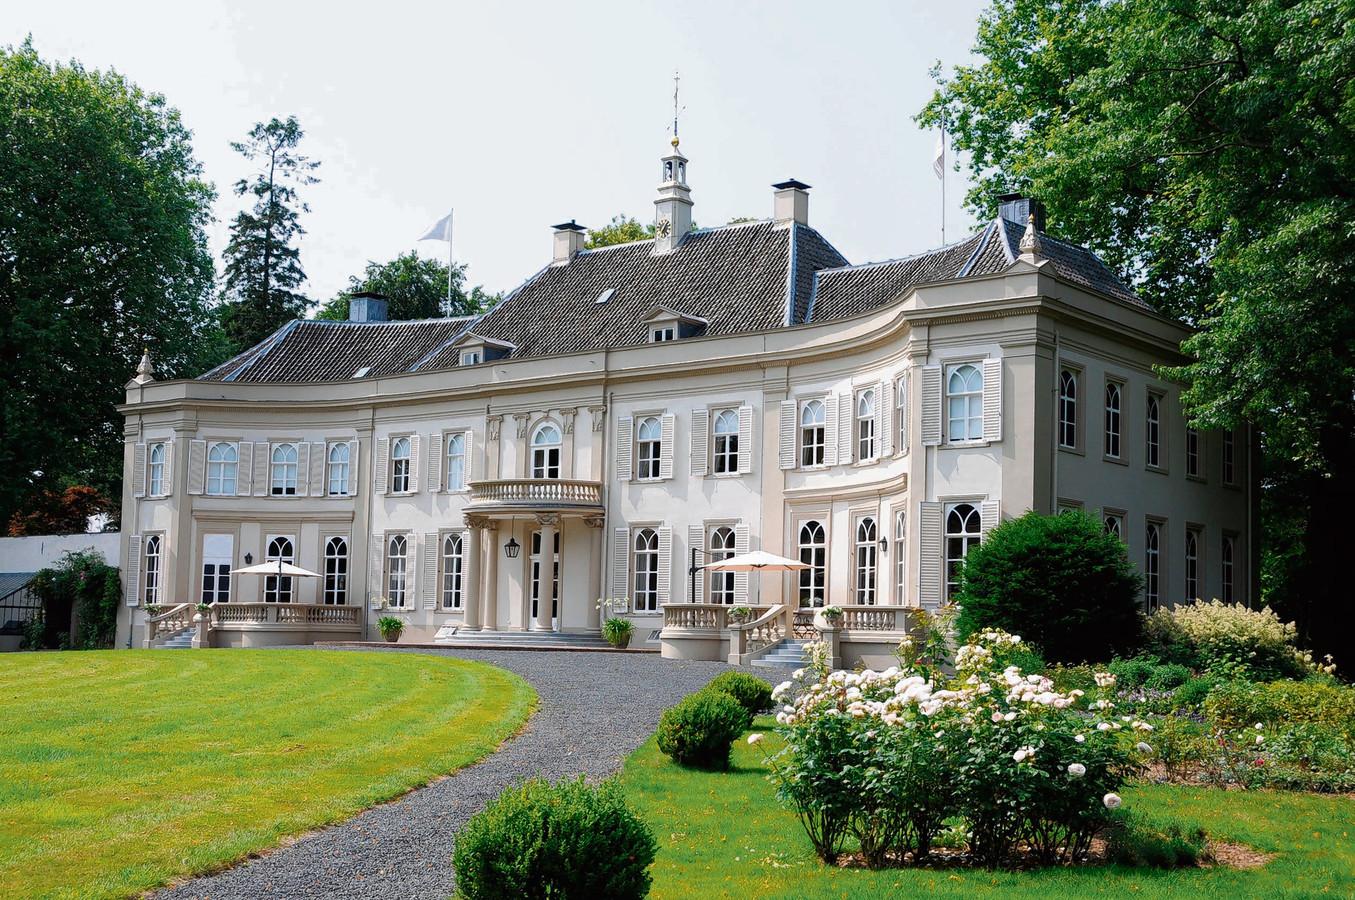 Duurste landhuis van gelderland met vraagprijs van 7 5 for Opknap boerderij te koop gelderland